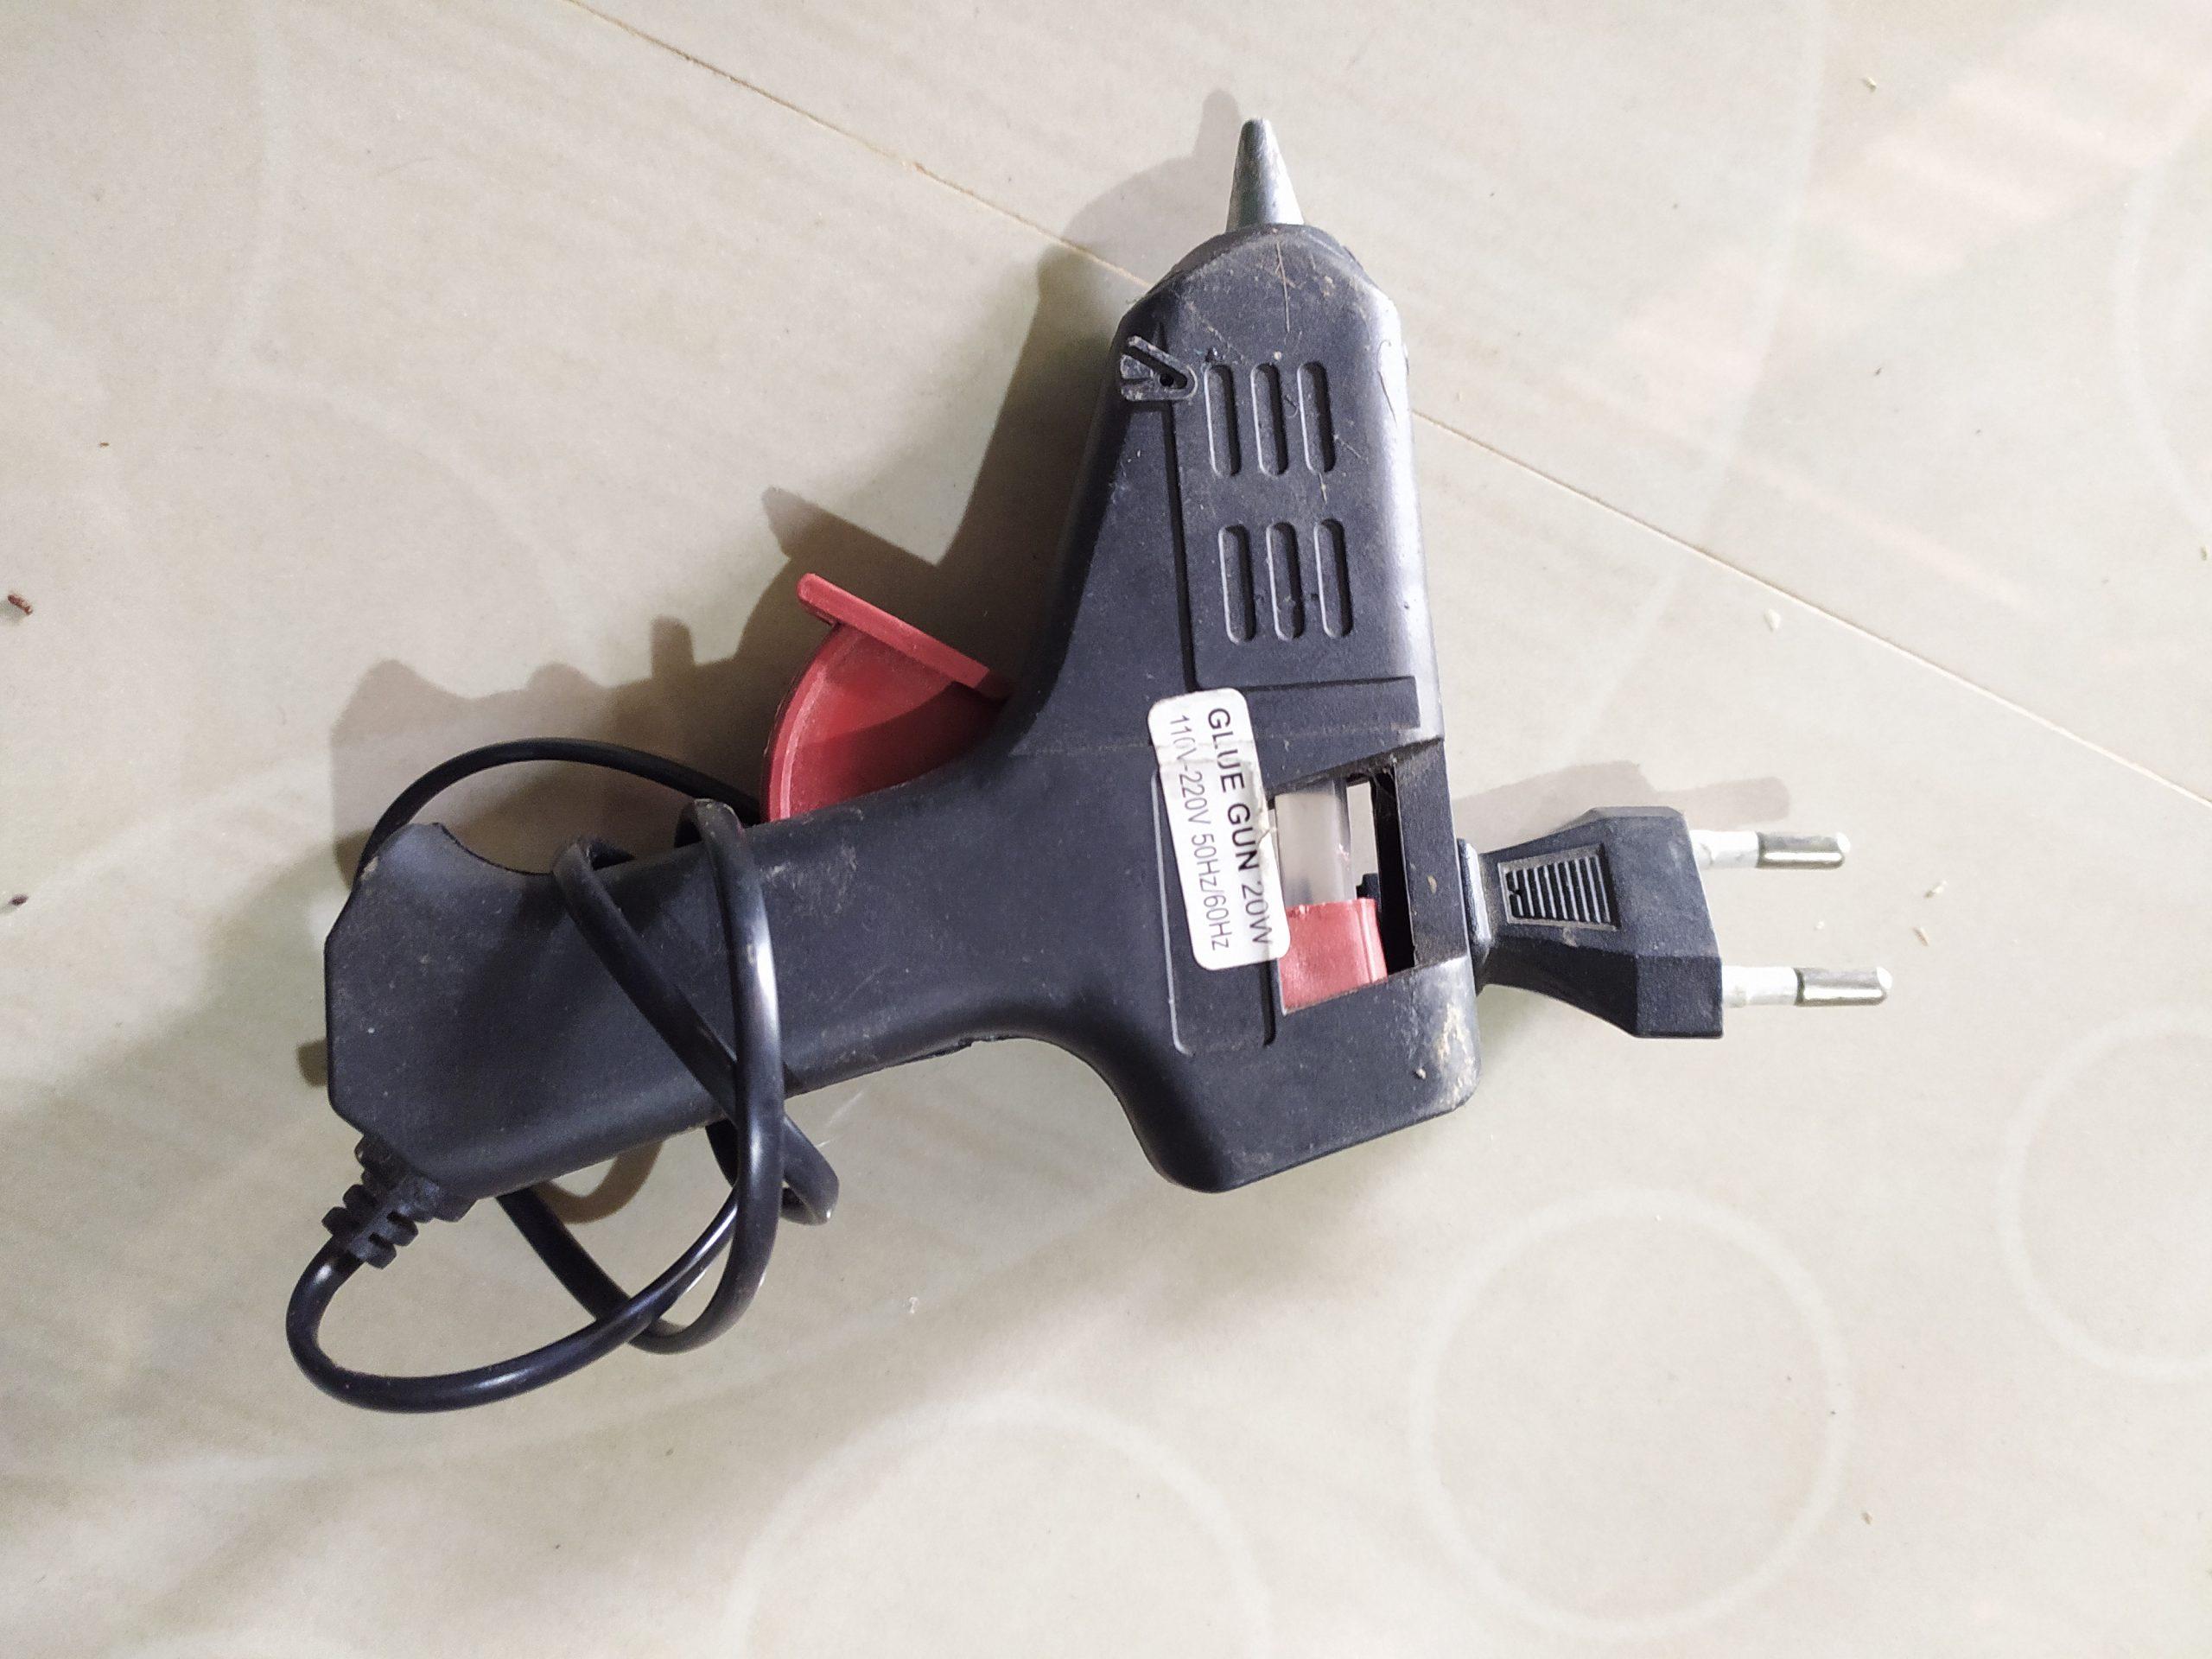 A glue gun